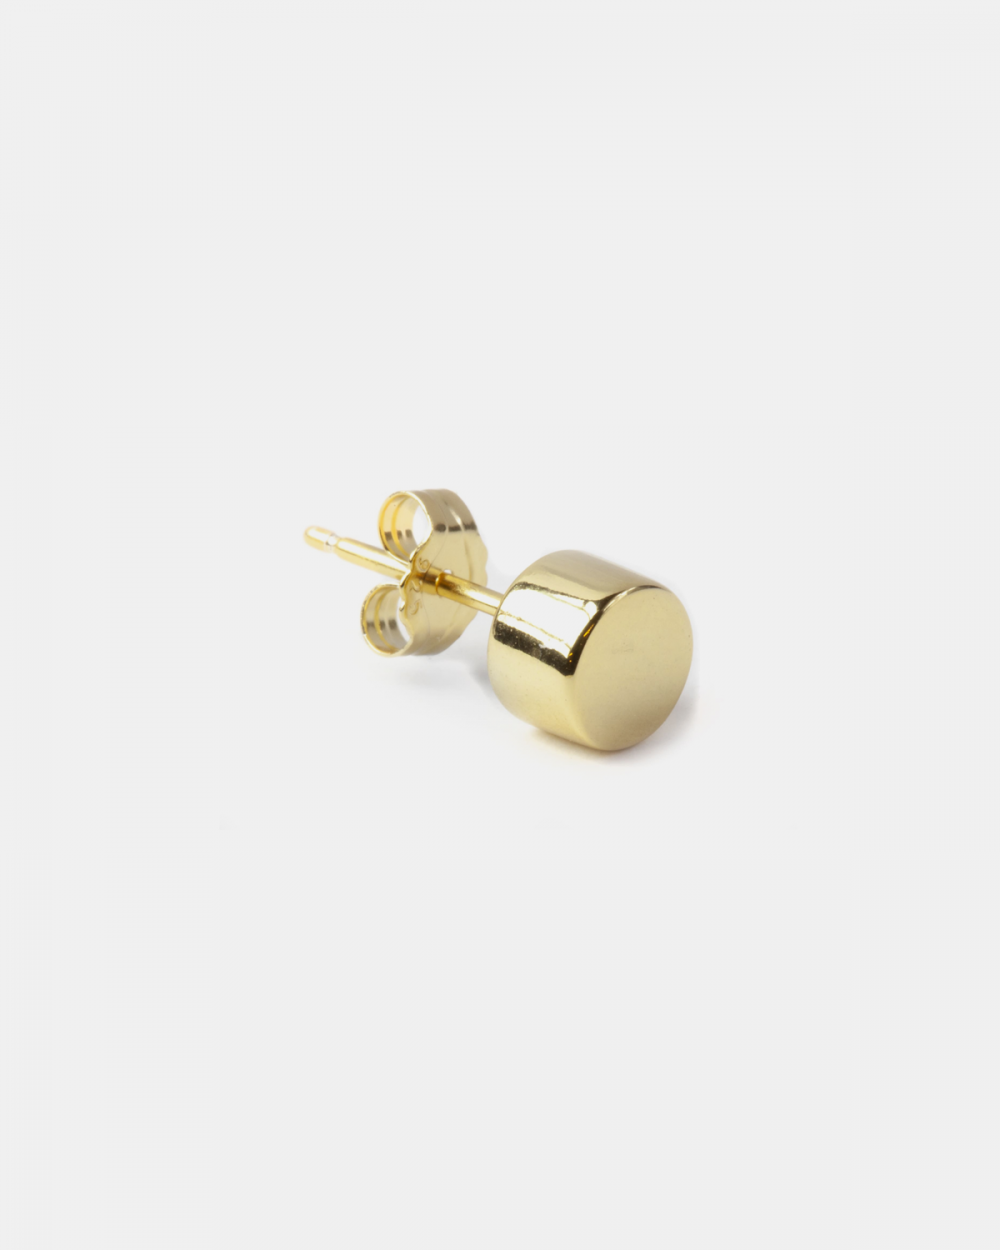 Earrings ORECCHINO SINGOLO LOBO CERCHIO BOLD / ORO GIALLO LUCIDO - O/S NOVE25